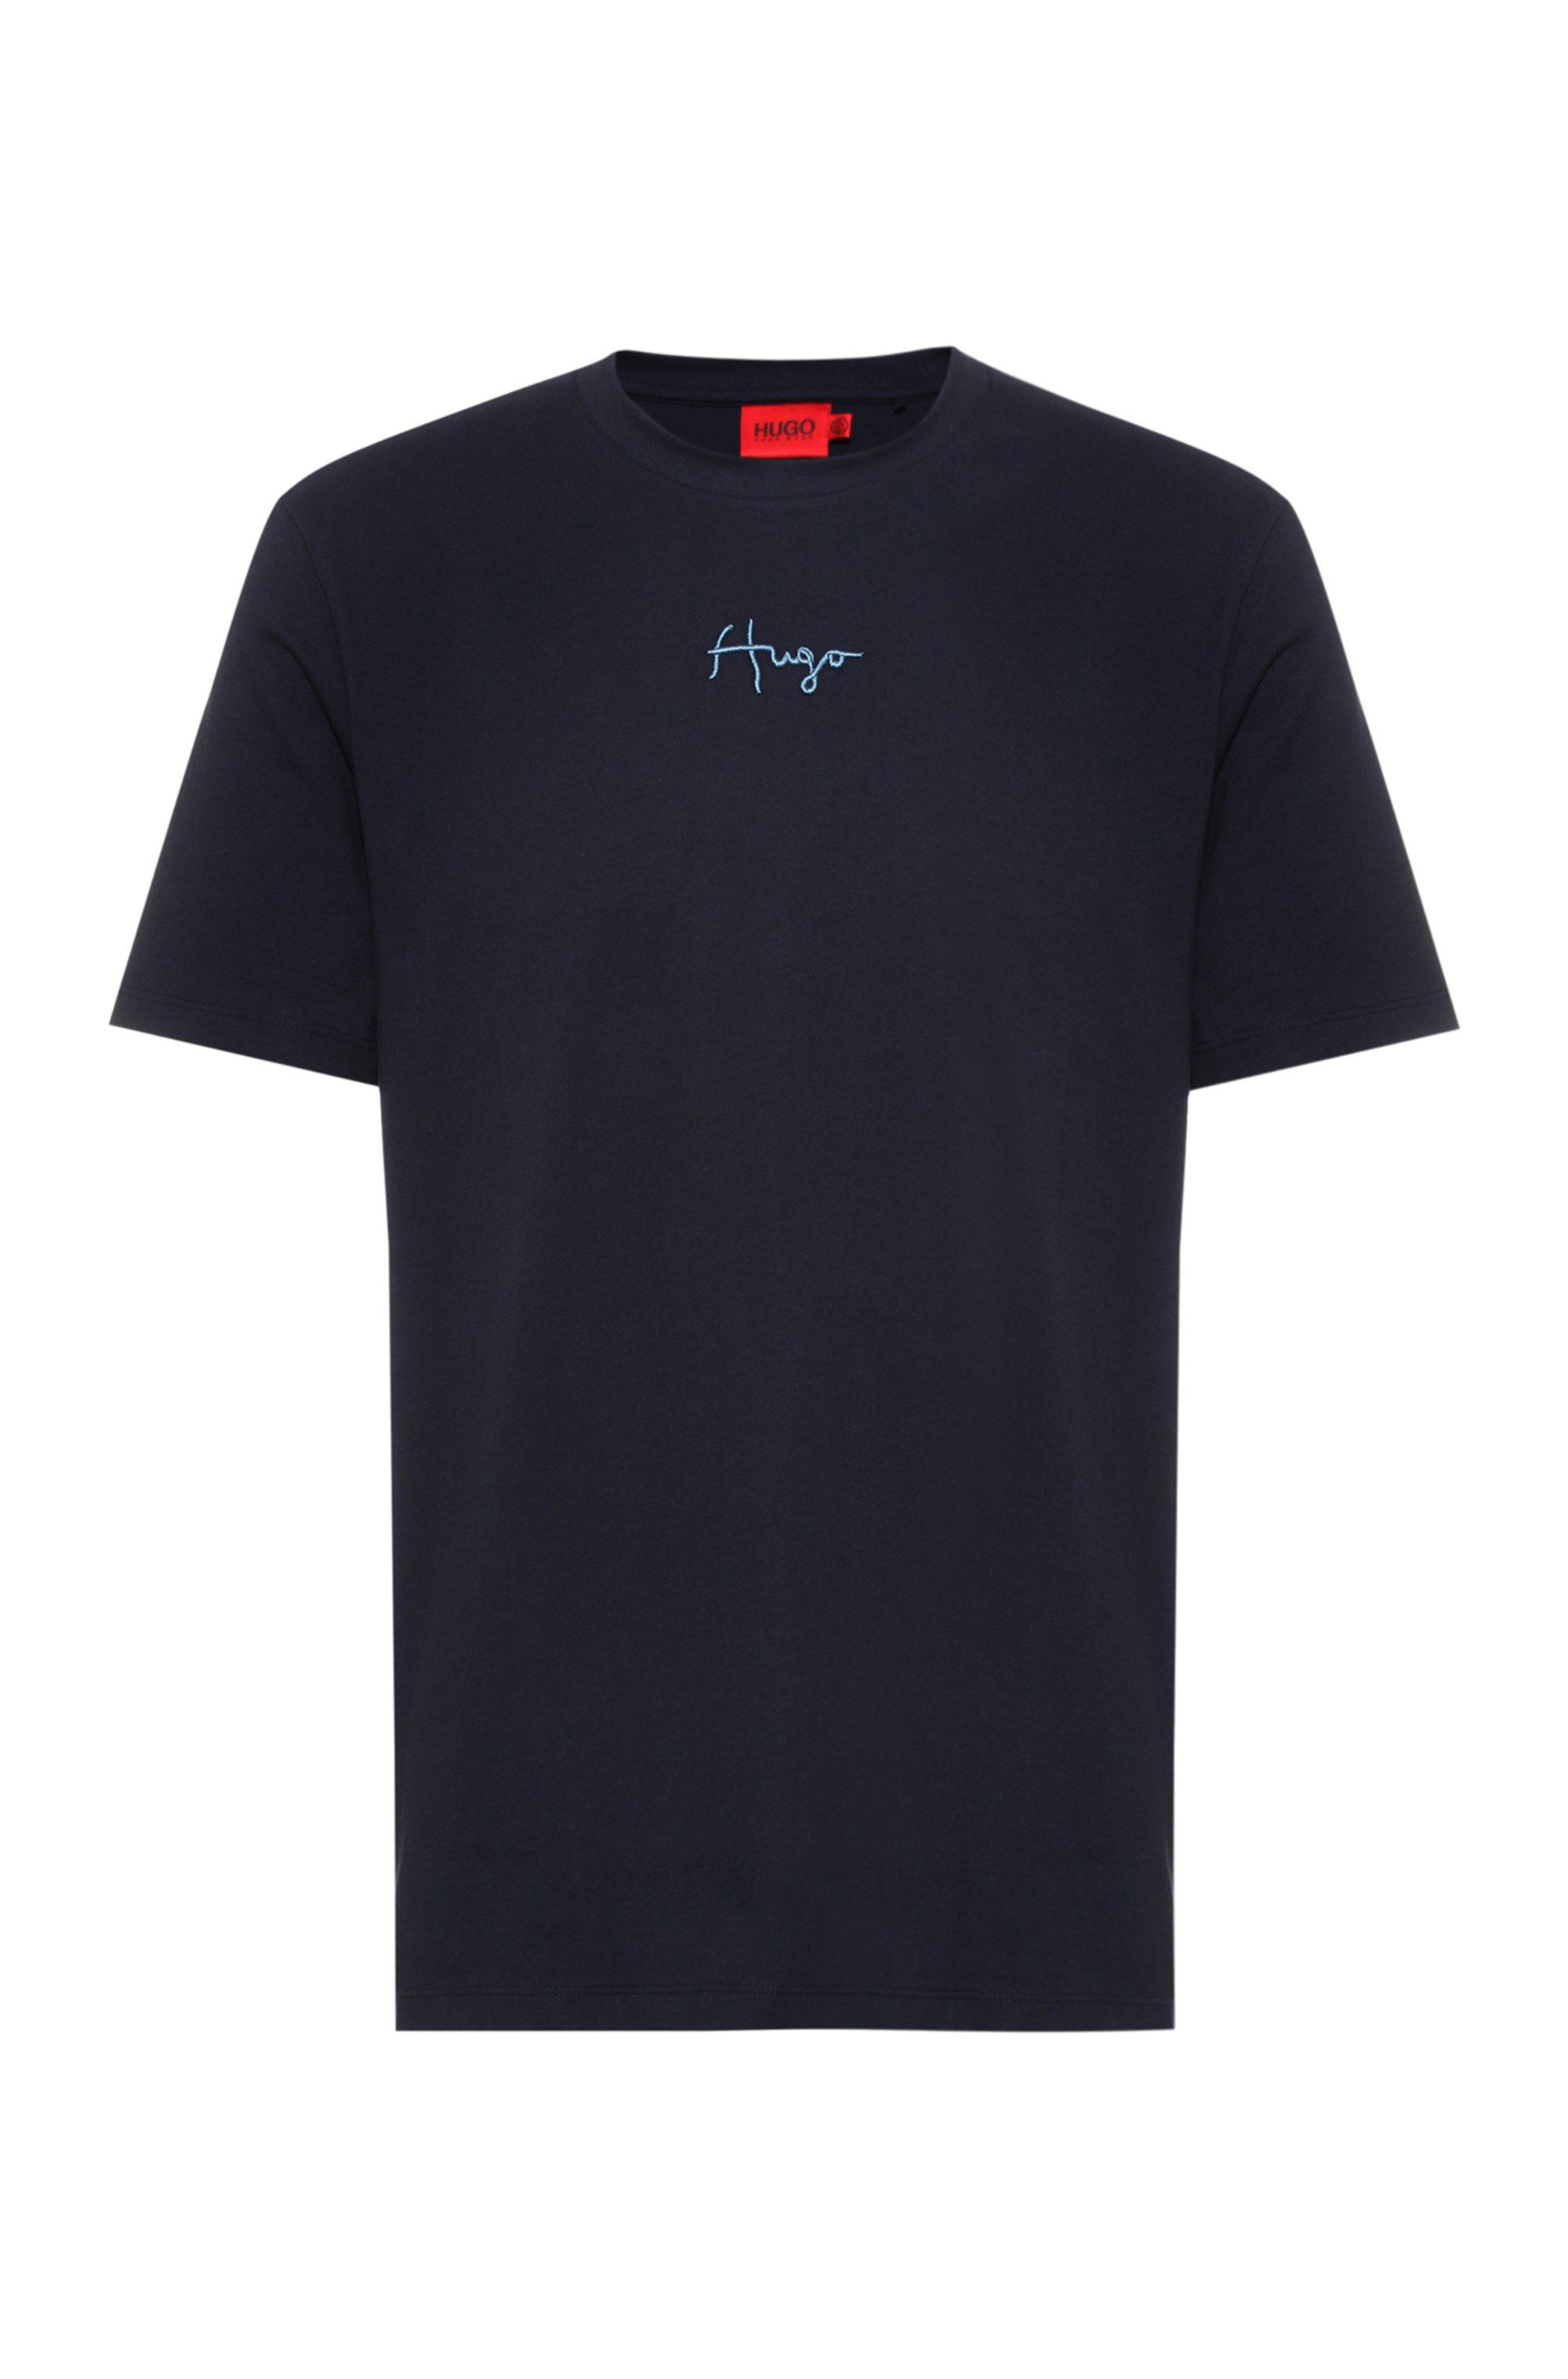 T-shirt en coton biologique avec logo manuscrit brodé, Bleu foncé